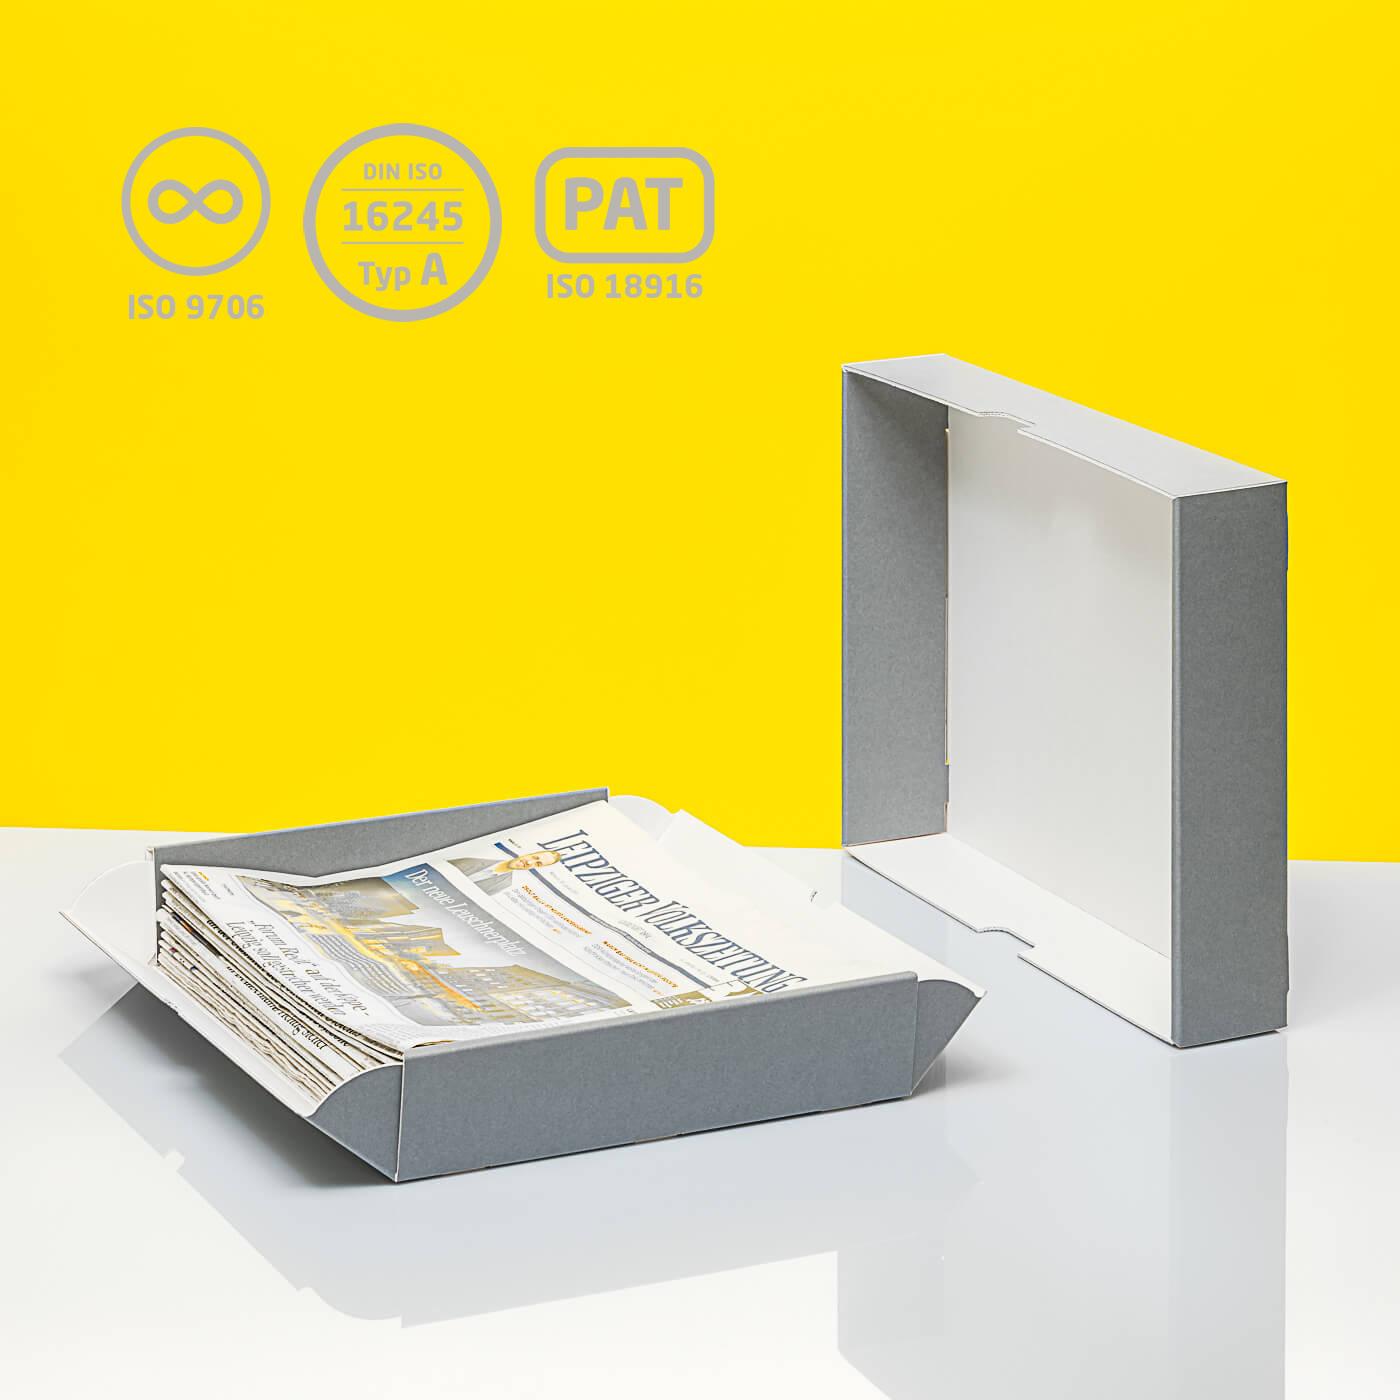 Stülpschachtel mit zwei aufklappbaren Seiten